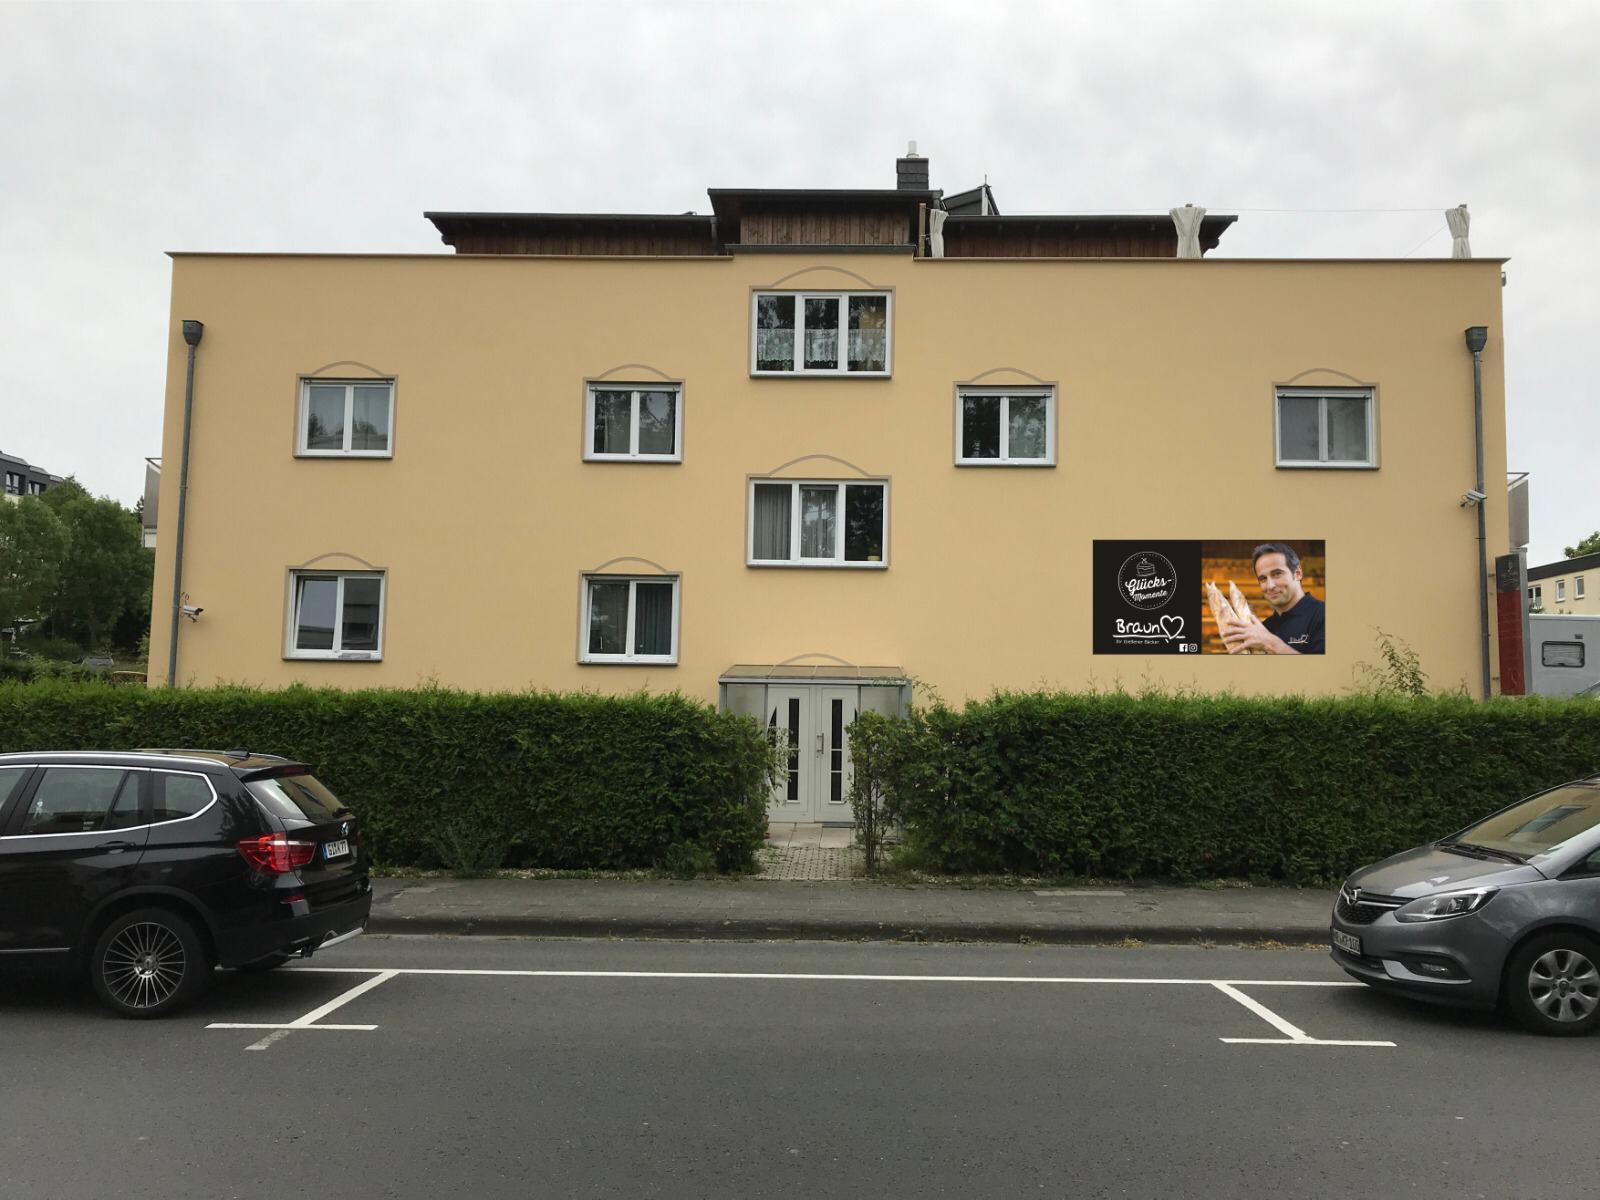 Carl-Maria-von.Weber-Straße 10